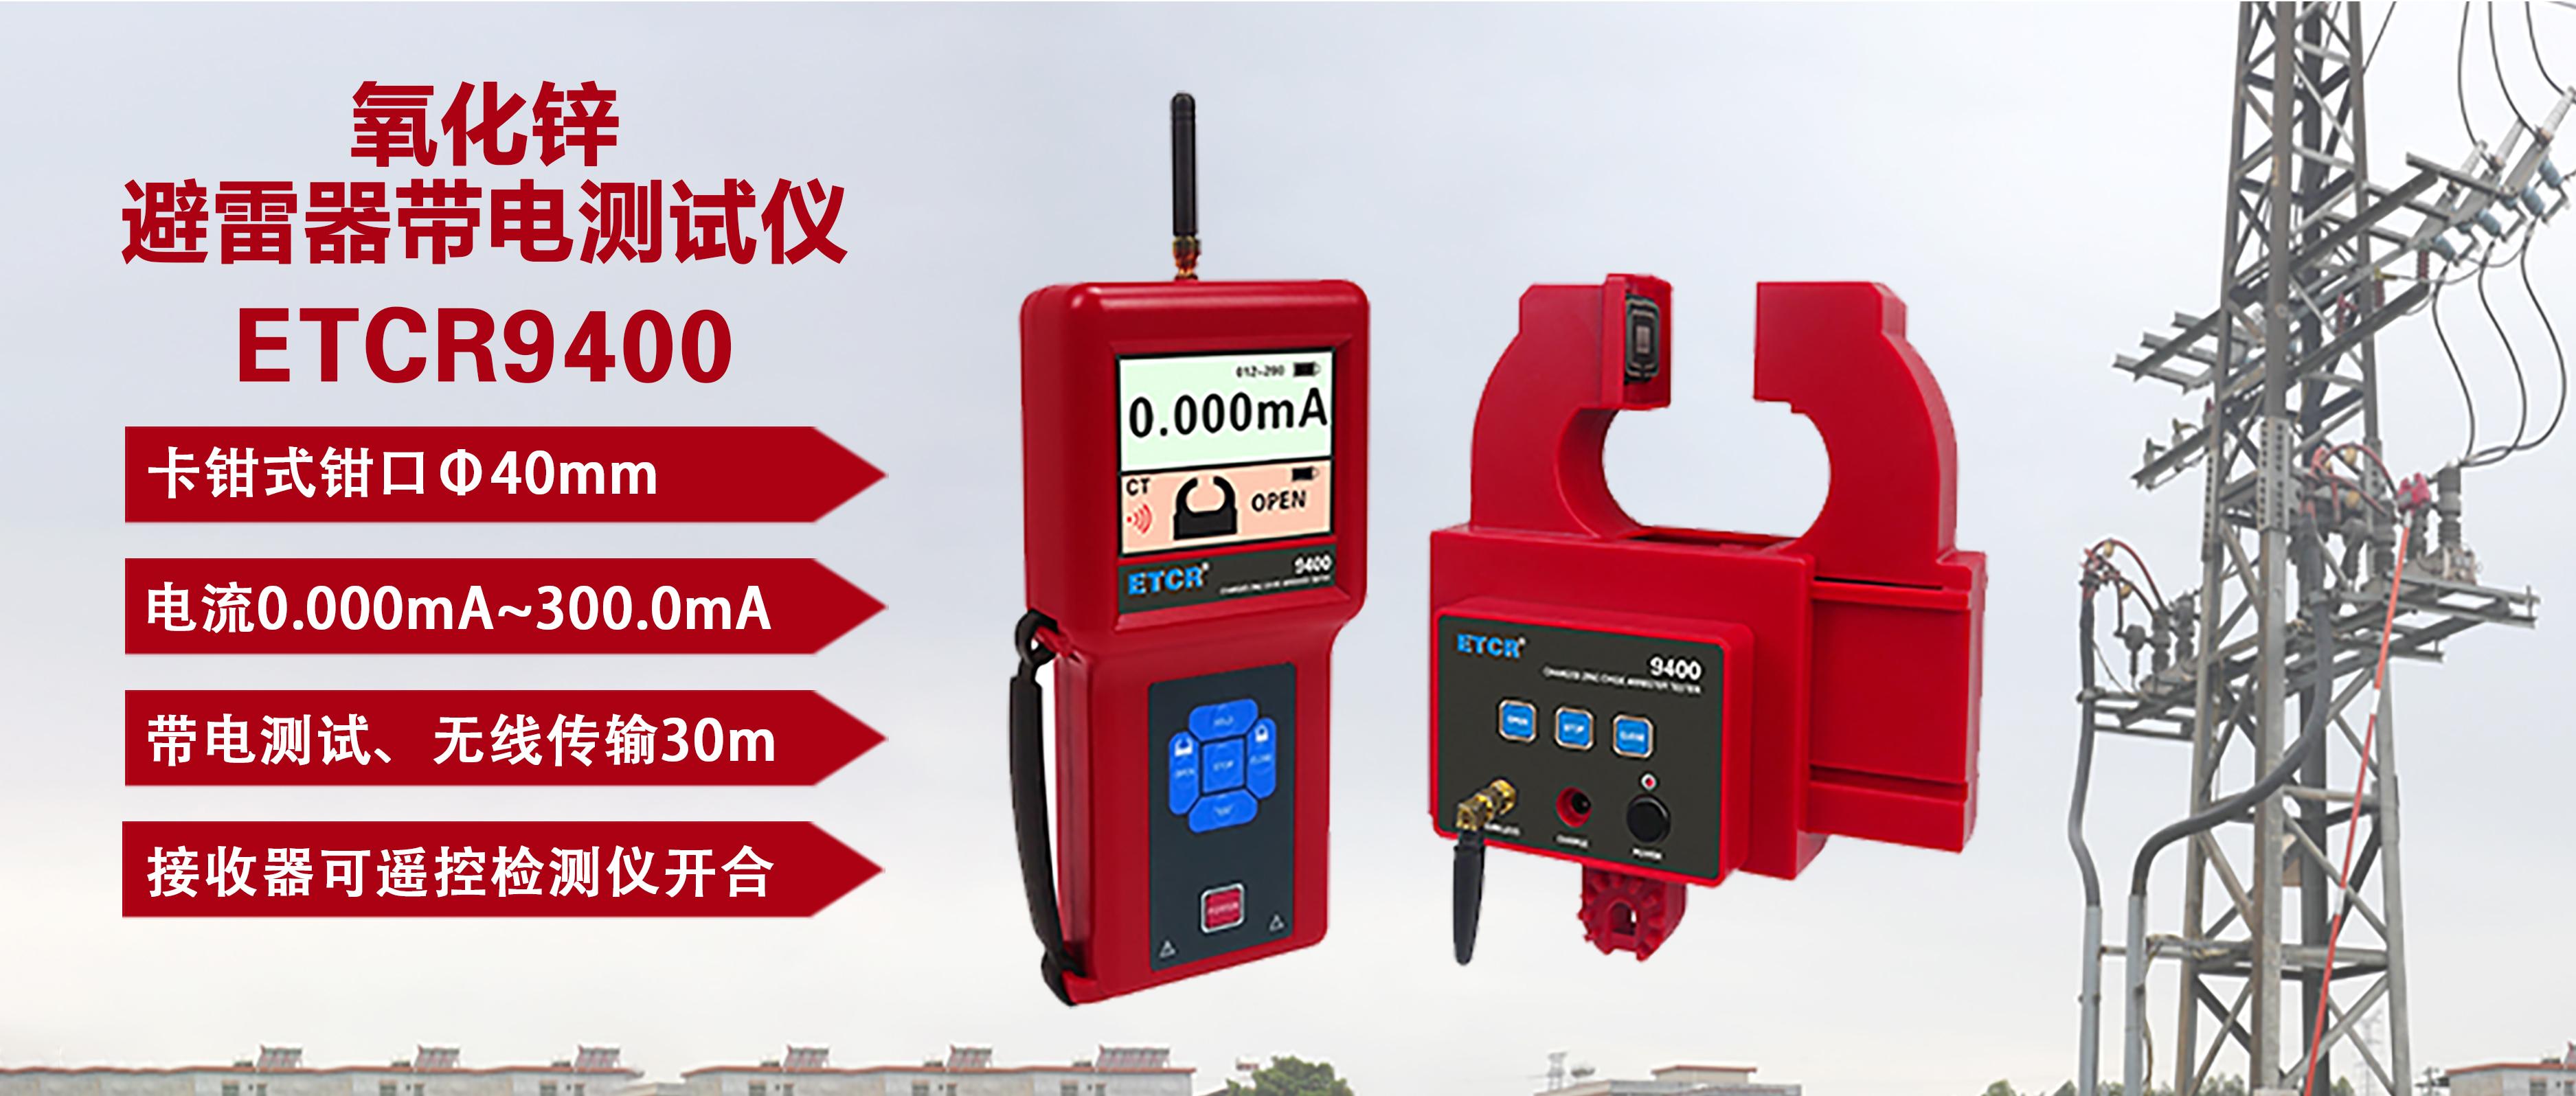 ETCR9400氧化锌避雷器带电测试仪现场使用方法